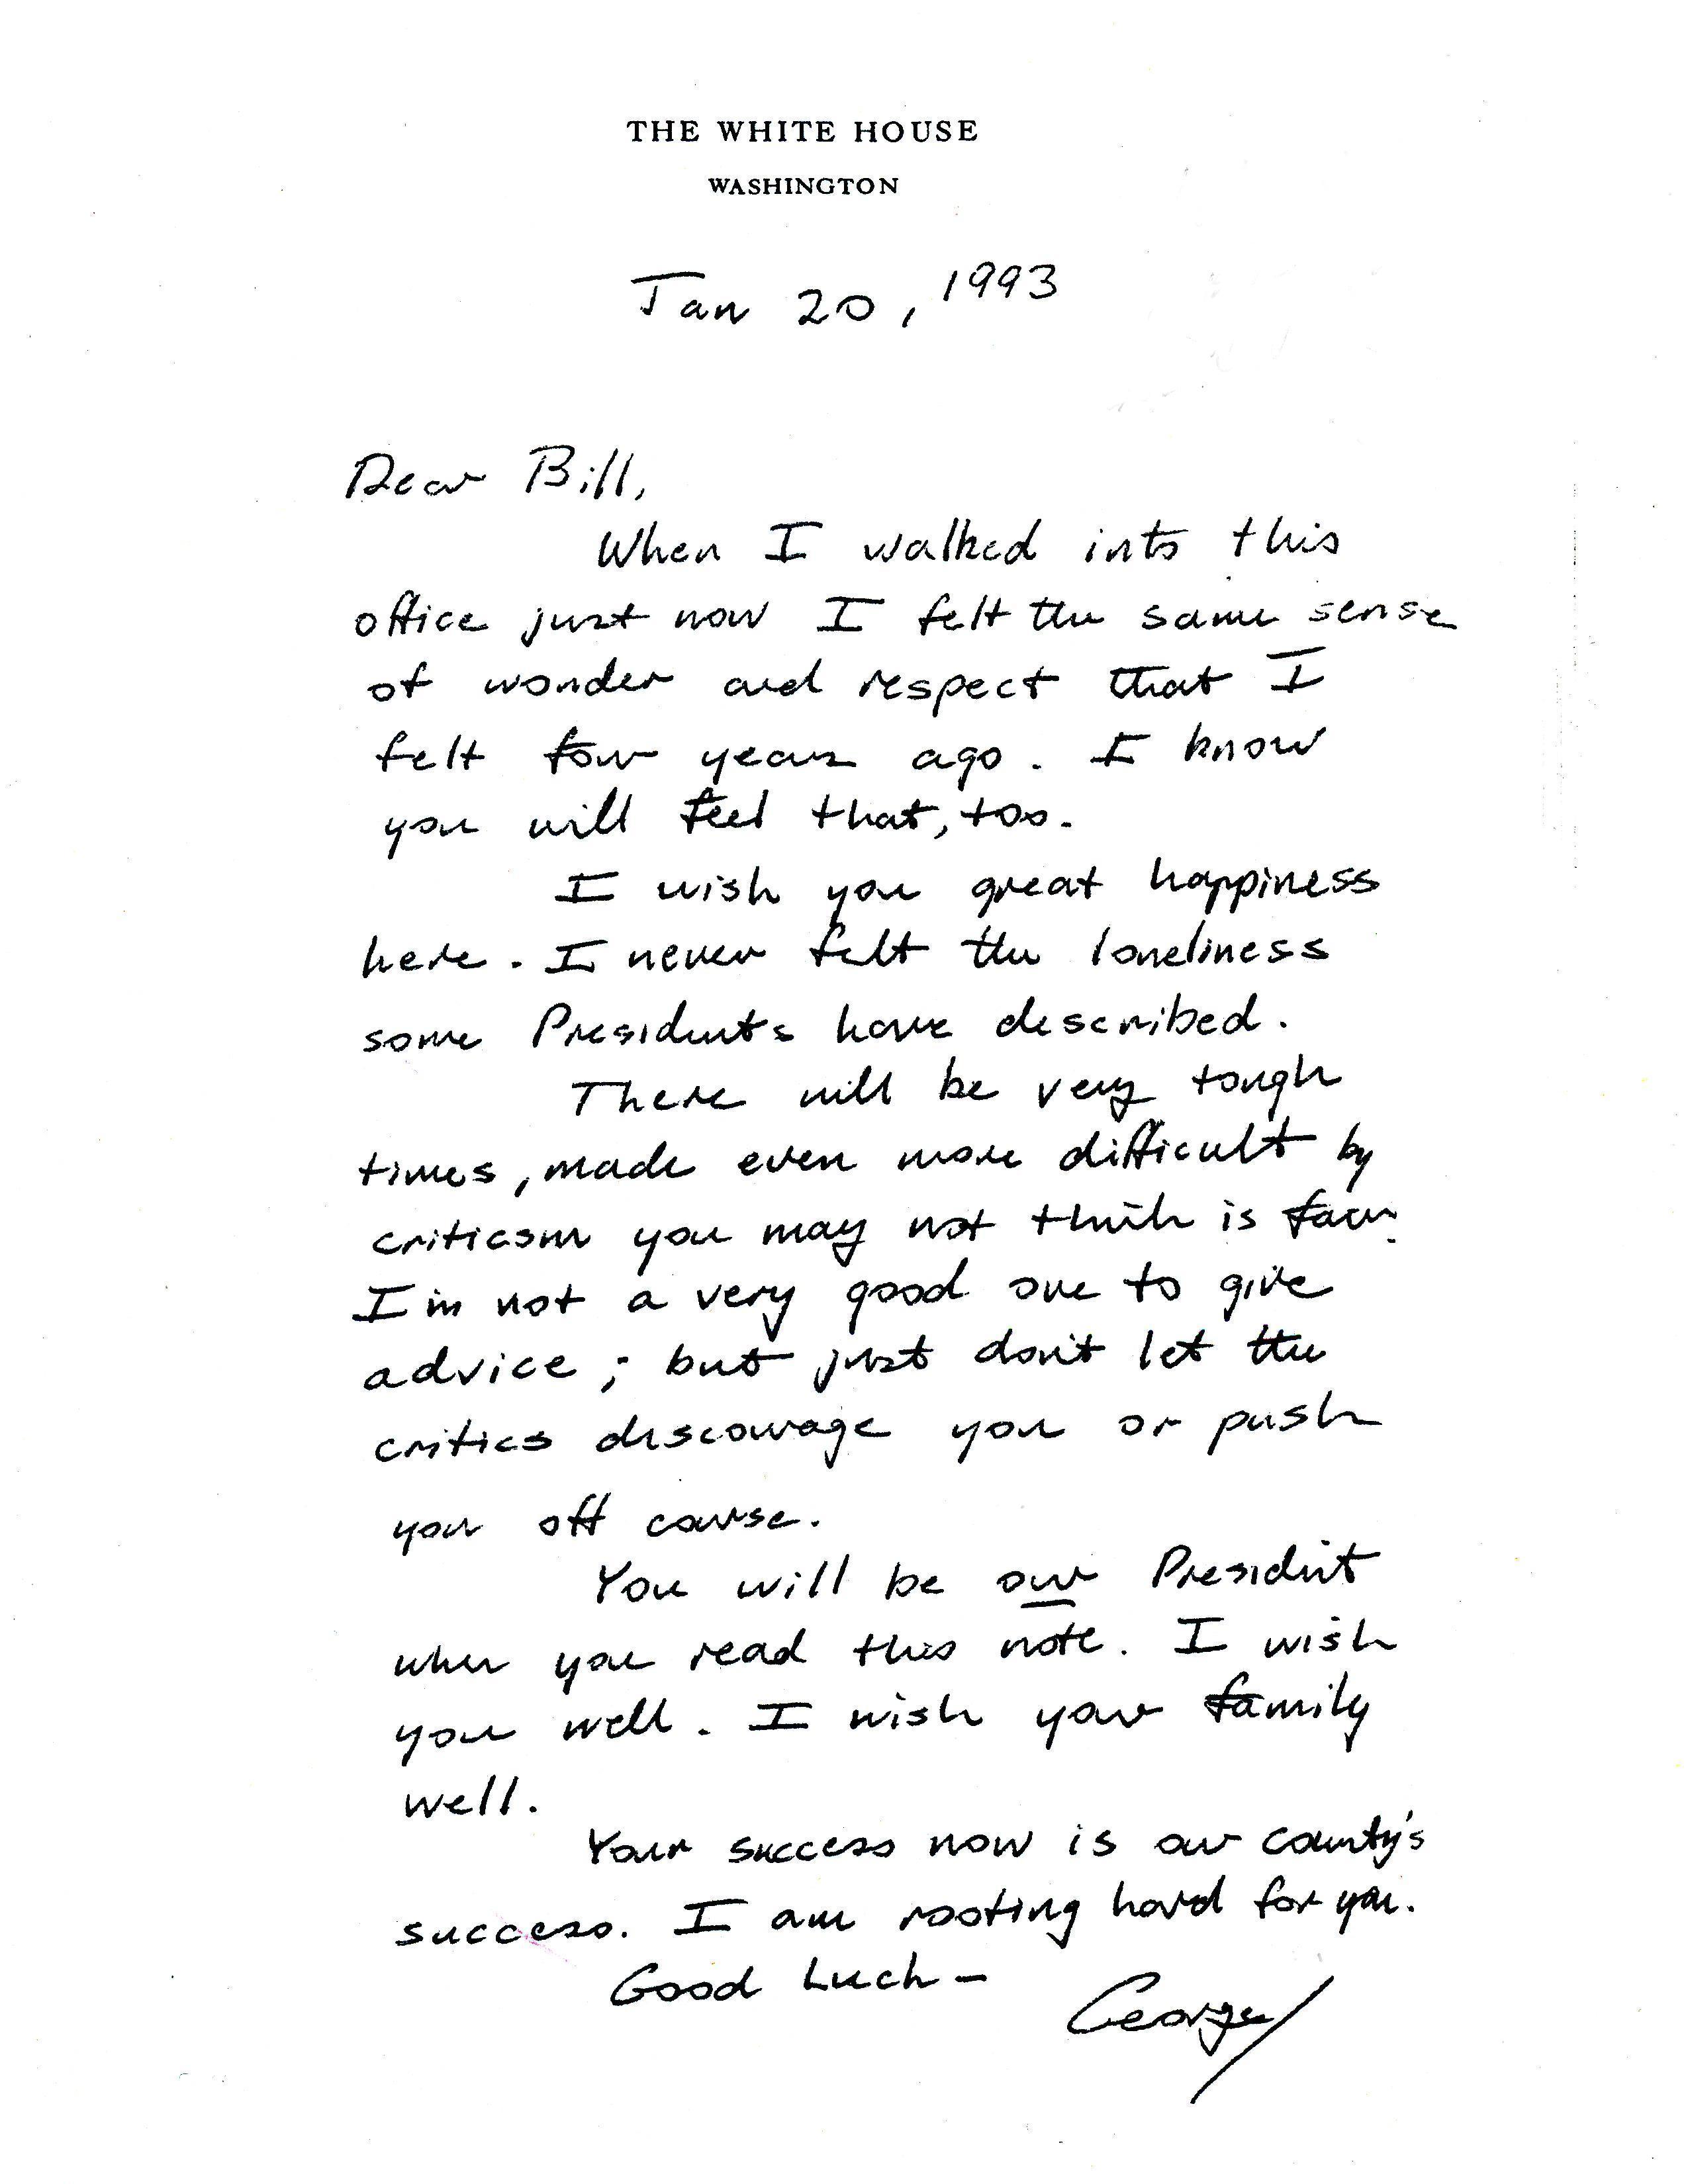 美國前總統老布希卸任時,留給繼任者柯林頓的信件內容(AP)